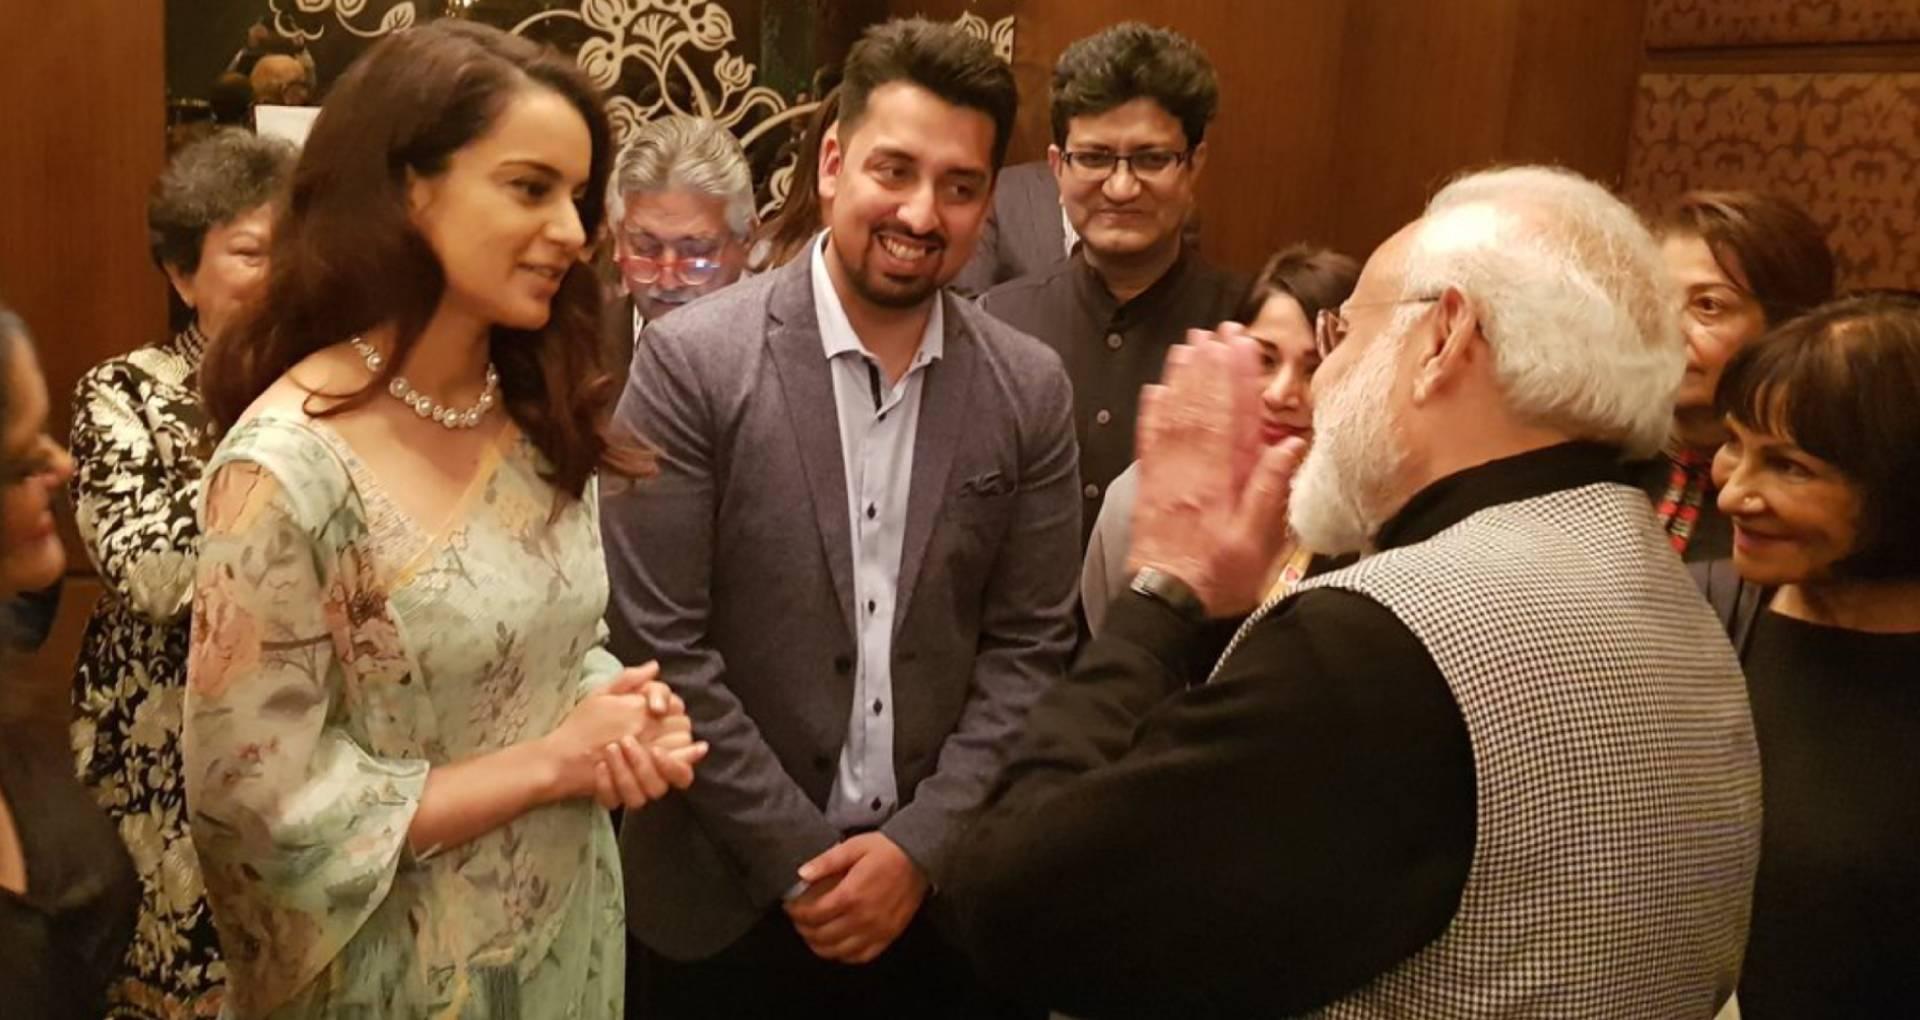 कंगना रनौत को देखते ही प्रधानमंत्री नरेंद्र मोदी ने जोड़े हाथ, तस्वीरों में देखिए कैसे मिलीं दोनों हस्तियां